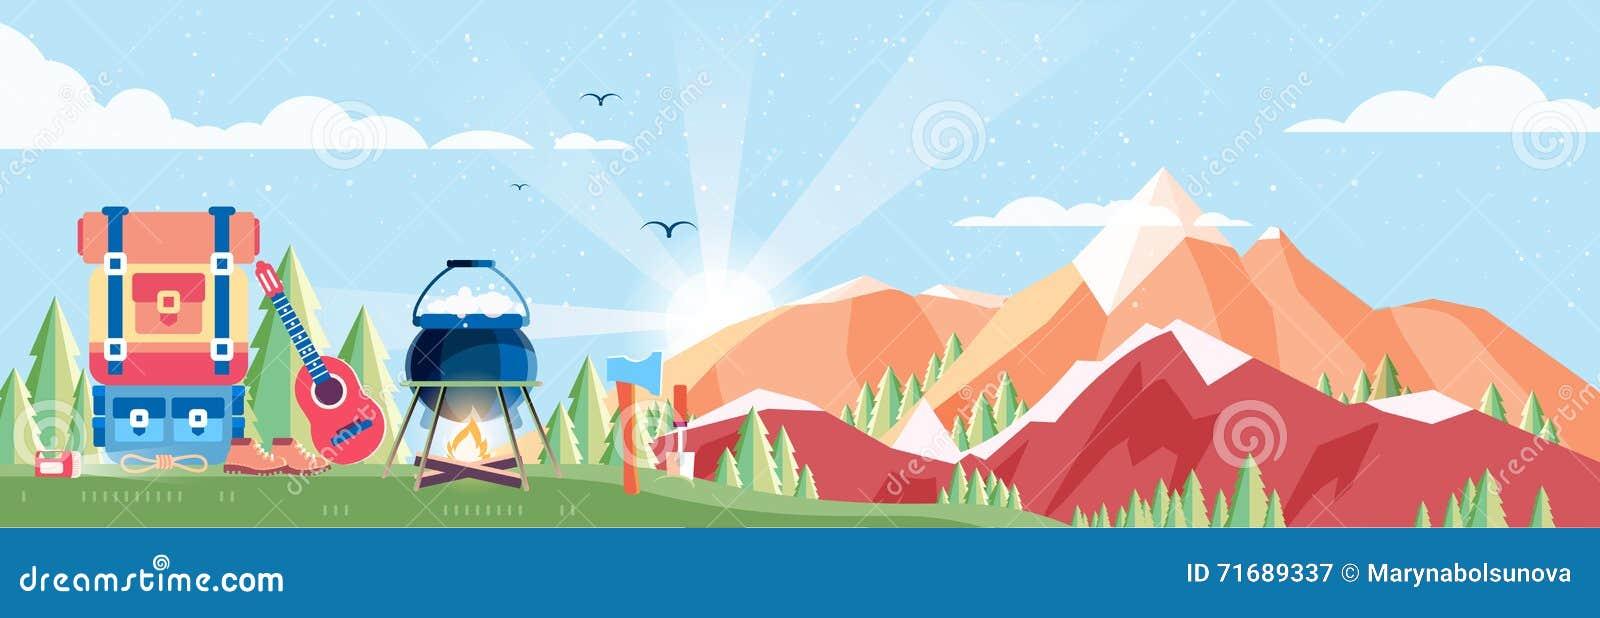 Illustratie van daglandschap, bergen die, dageraad, reis, aard, pot, brand, wandeling, grote toeristenrugzak, in vlakte kamperen